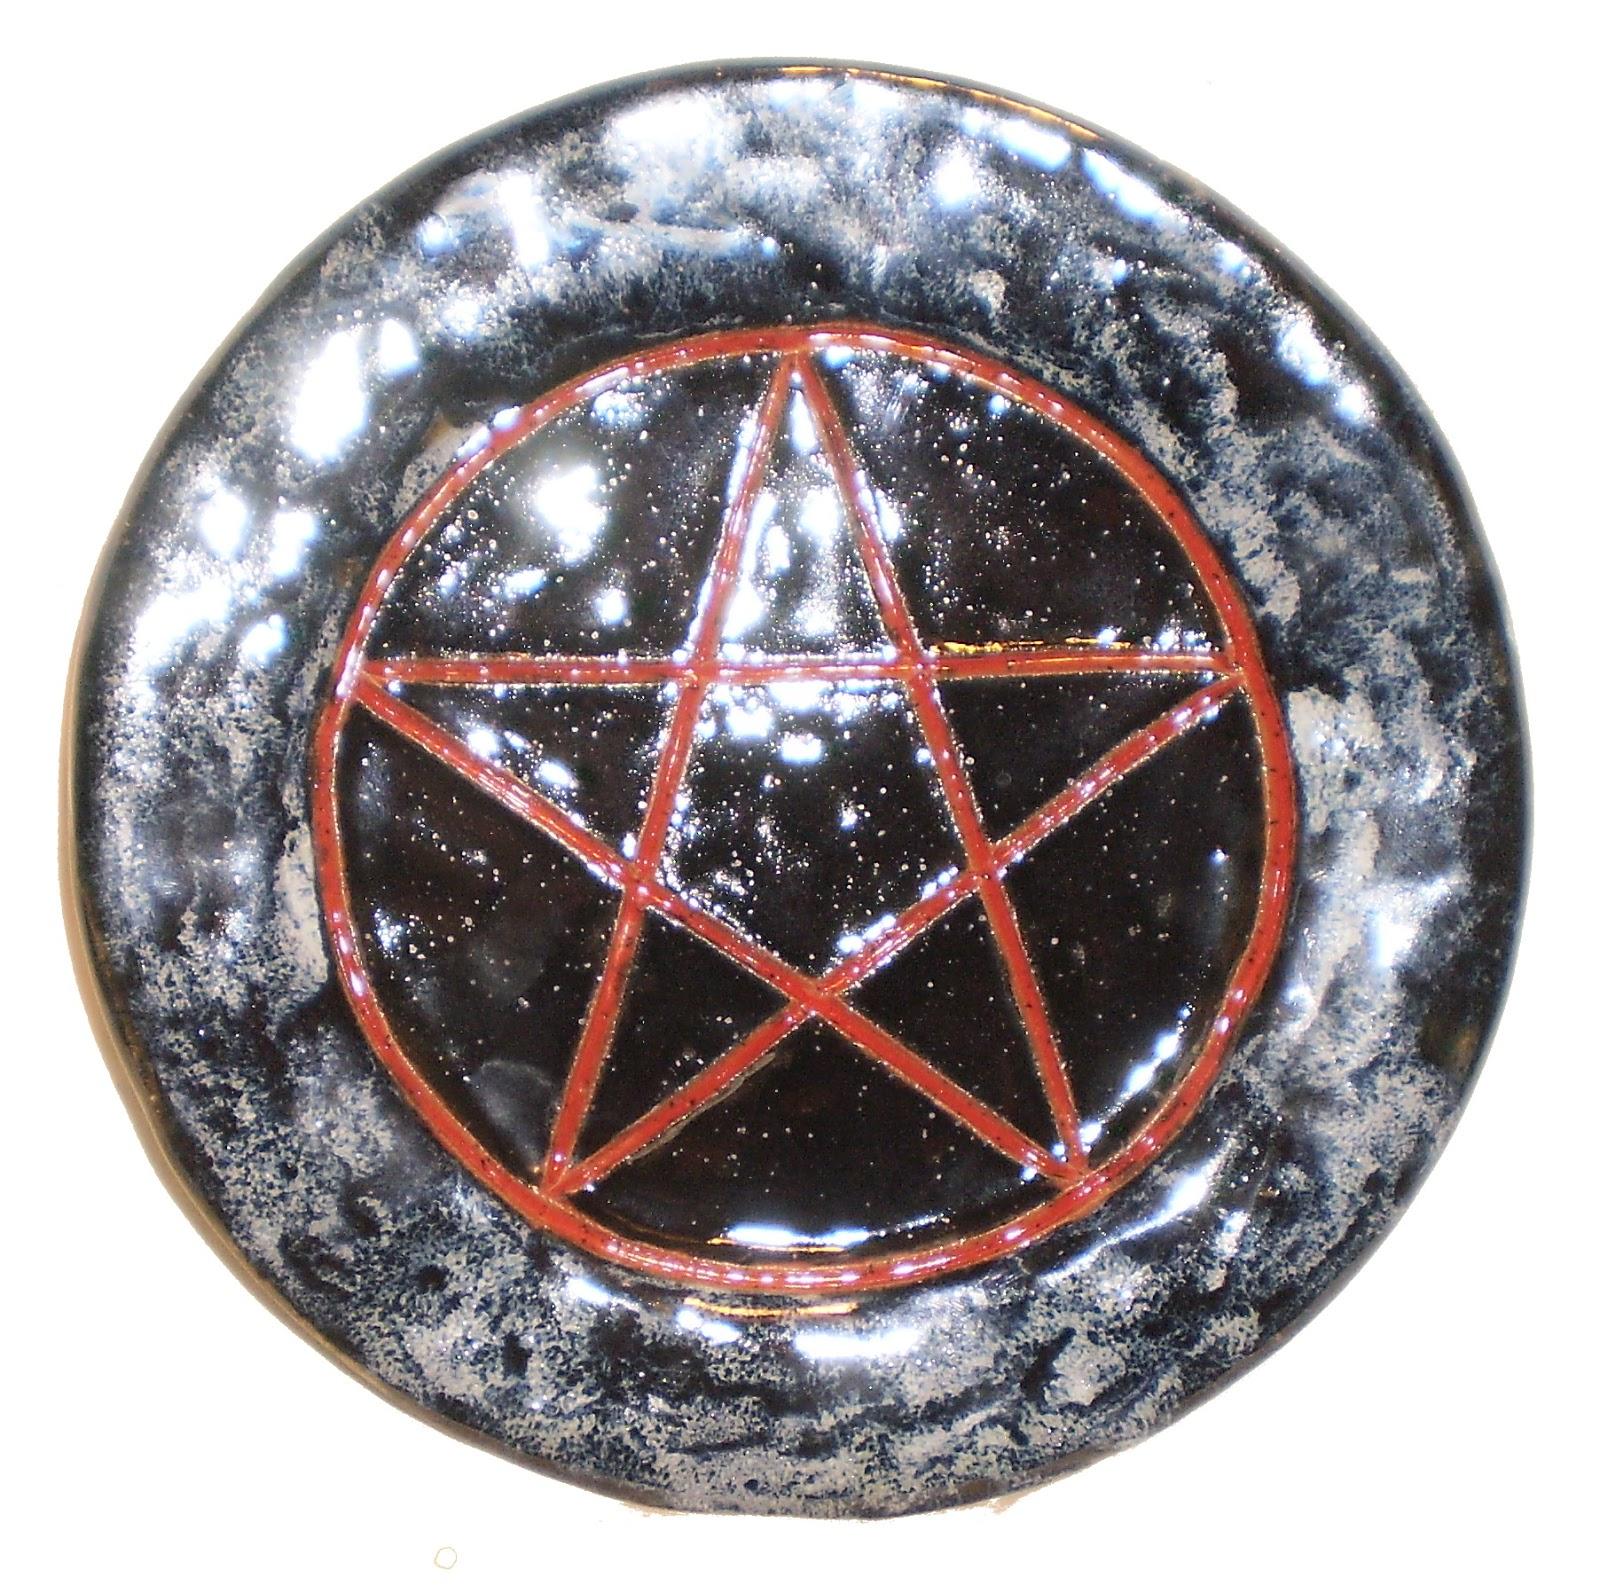 Aberrant Ceramics: Pentagram, Triskelion, Necronomicon Gate